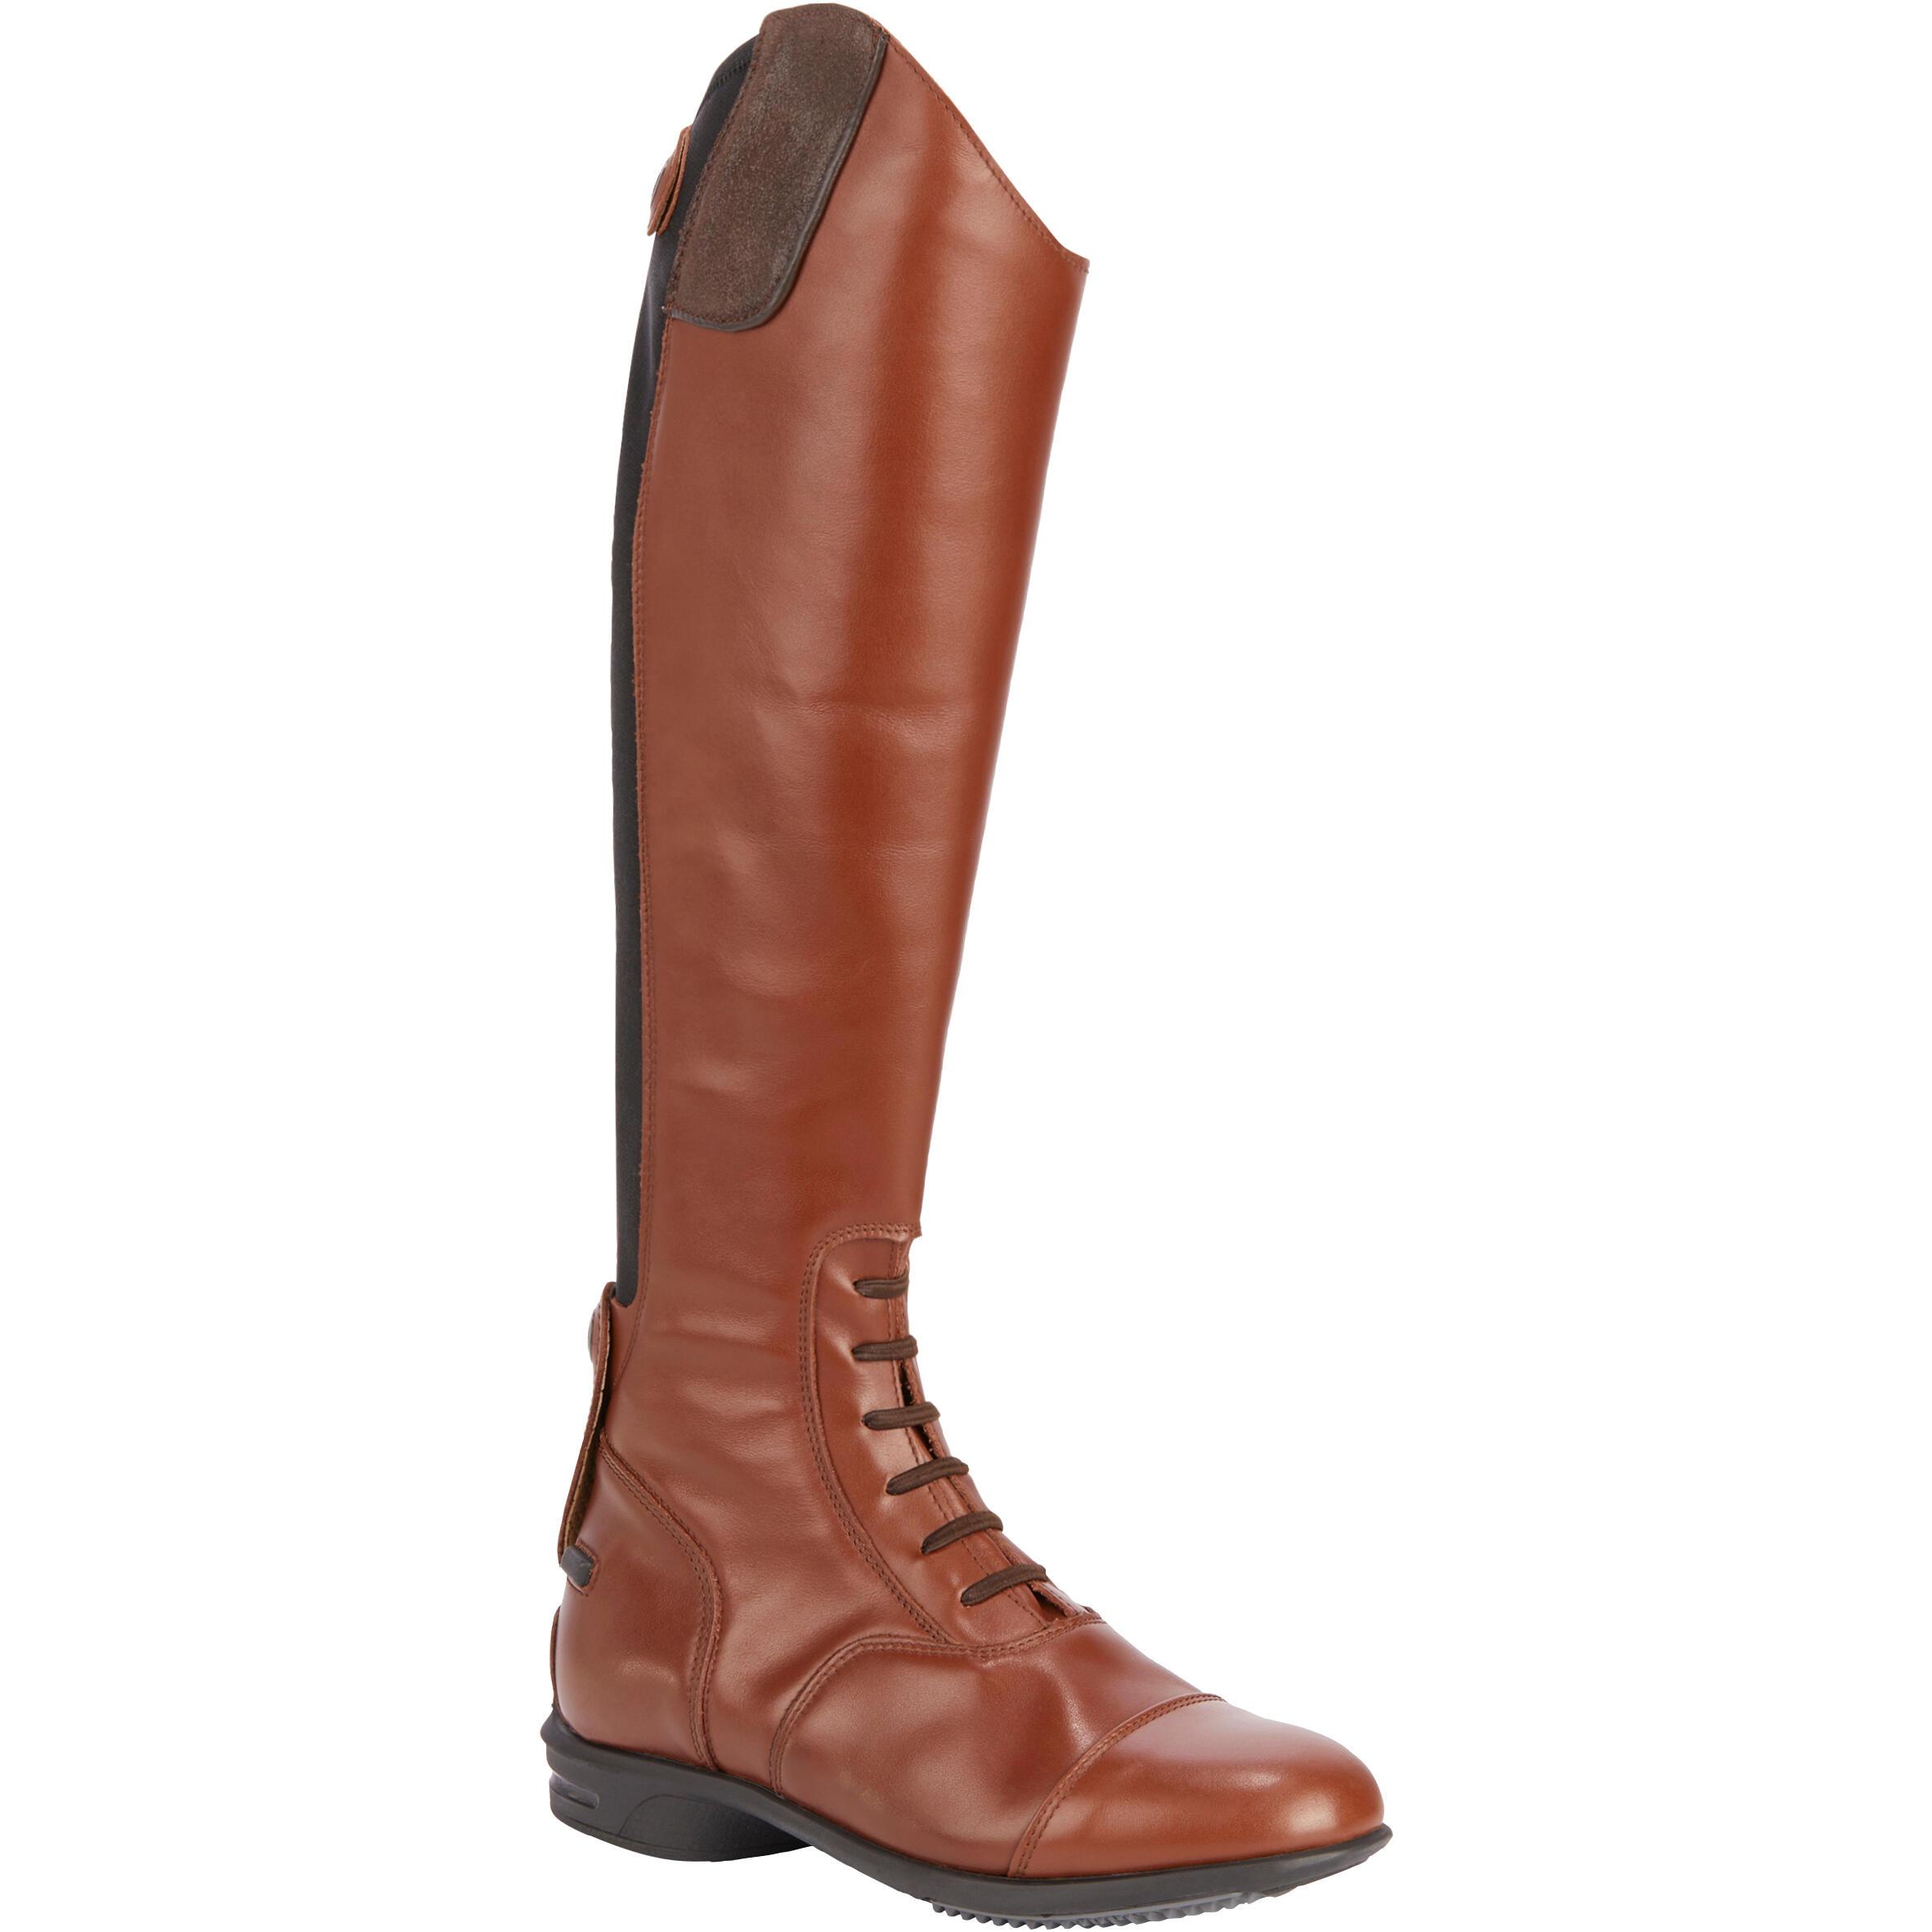 Reitstiefel LB 900 Leder Erwachsene braun | Schuhe > Sportschuhe > Reitstiefel | Braun | Leder | Fouganza